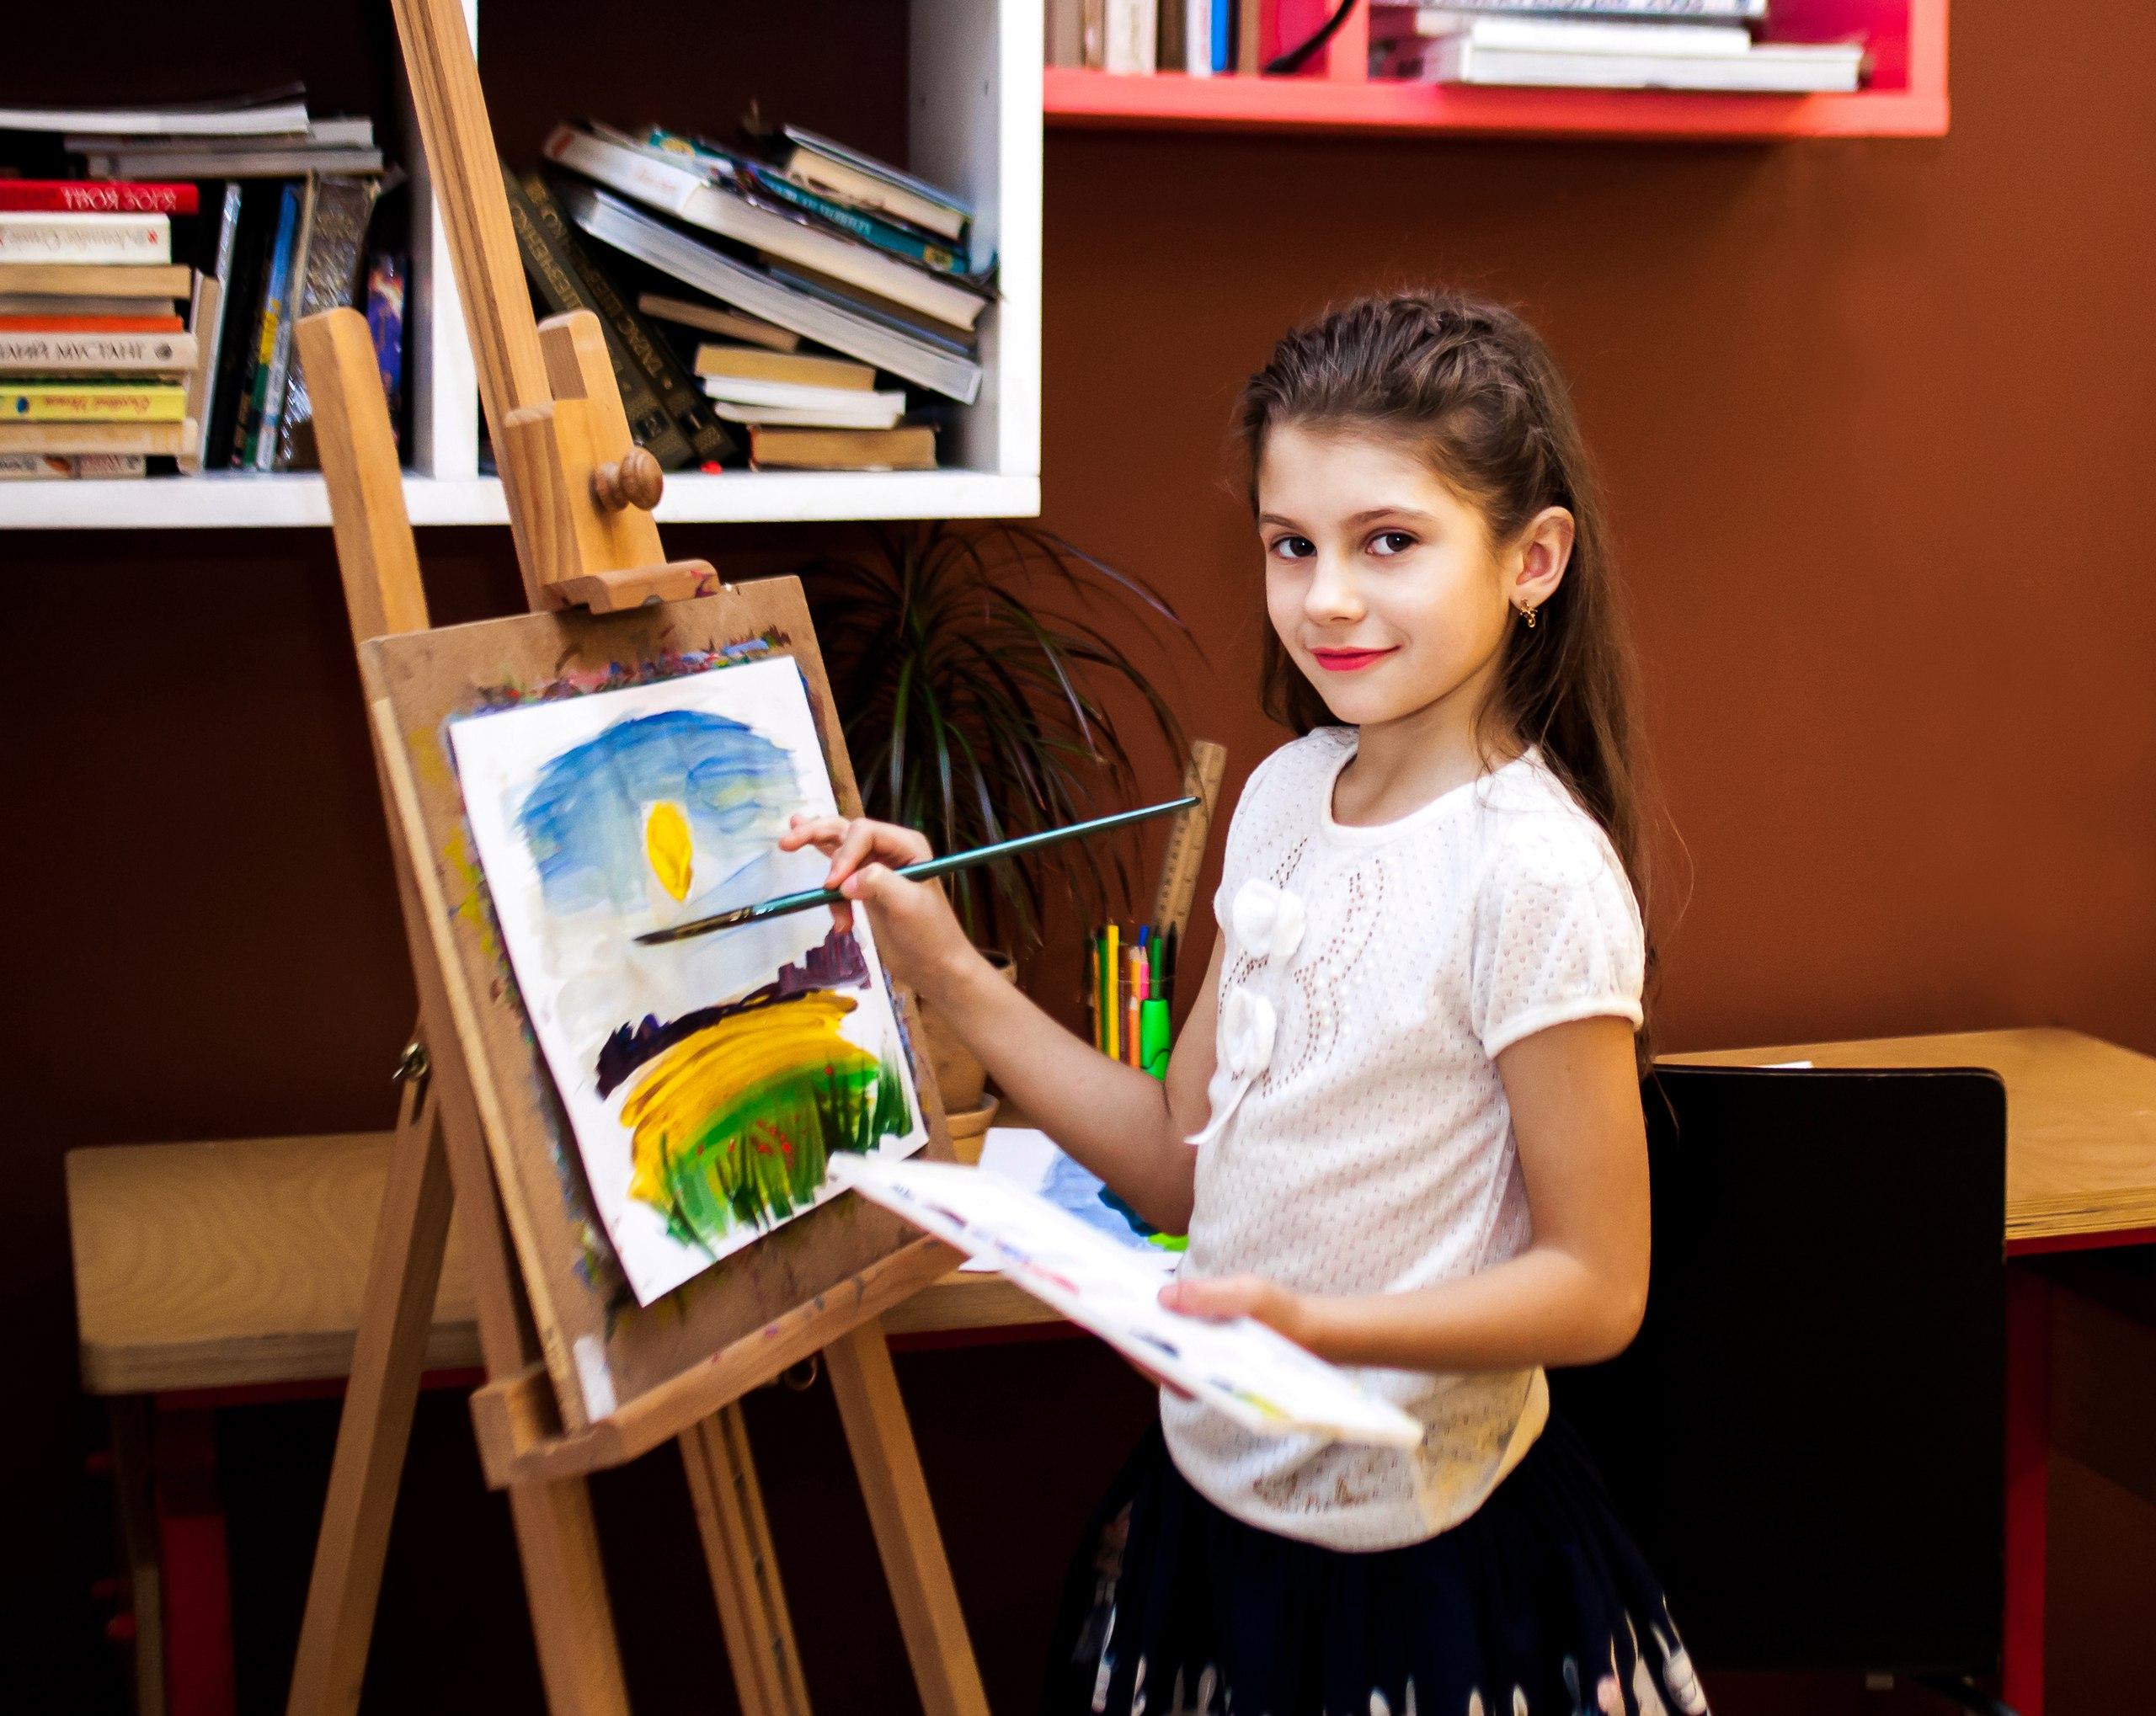 Соком, картинки художник рисует картину для детей